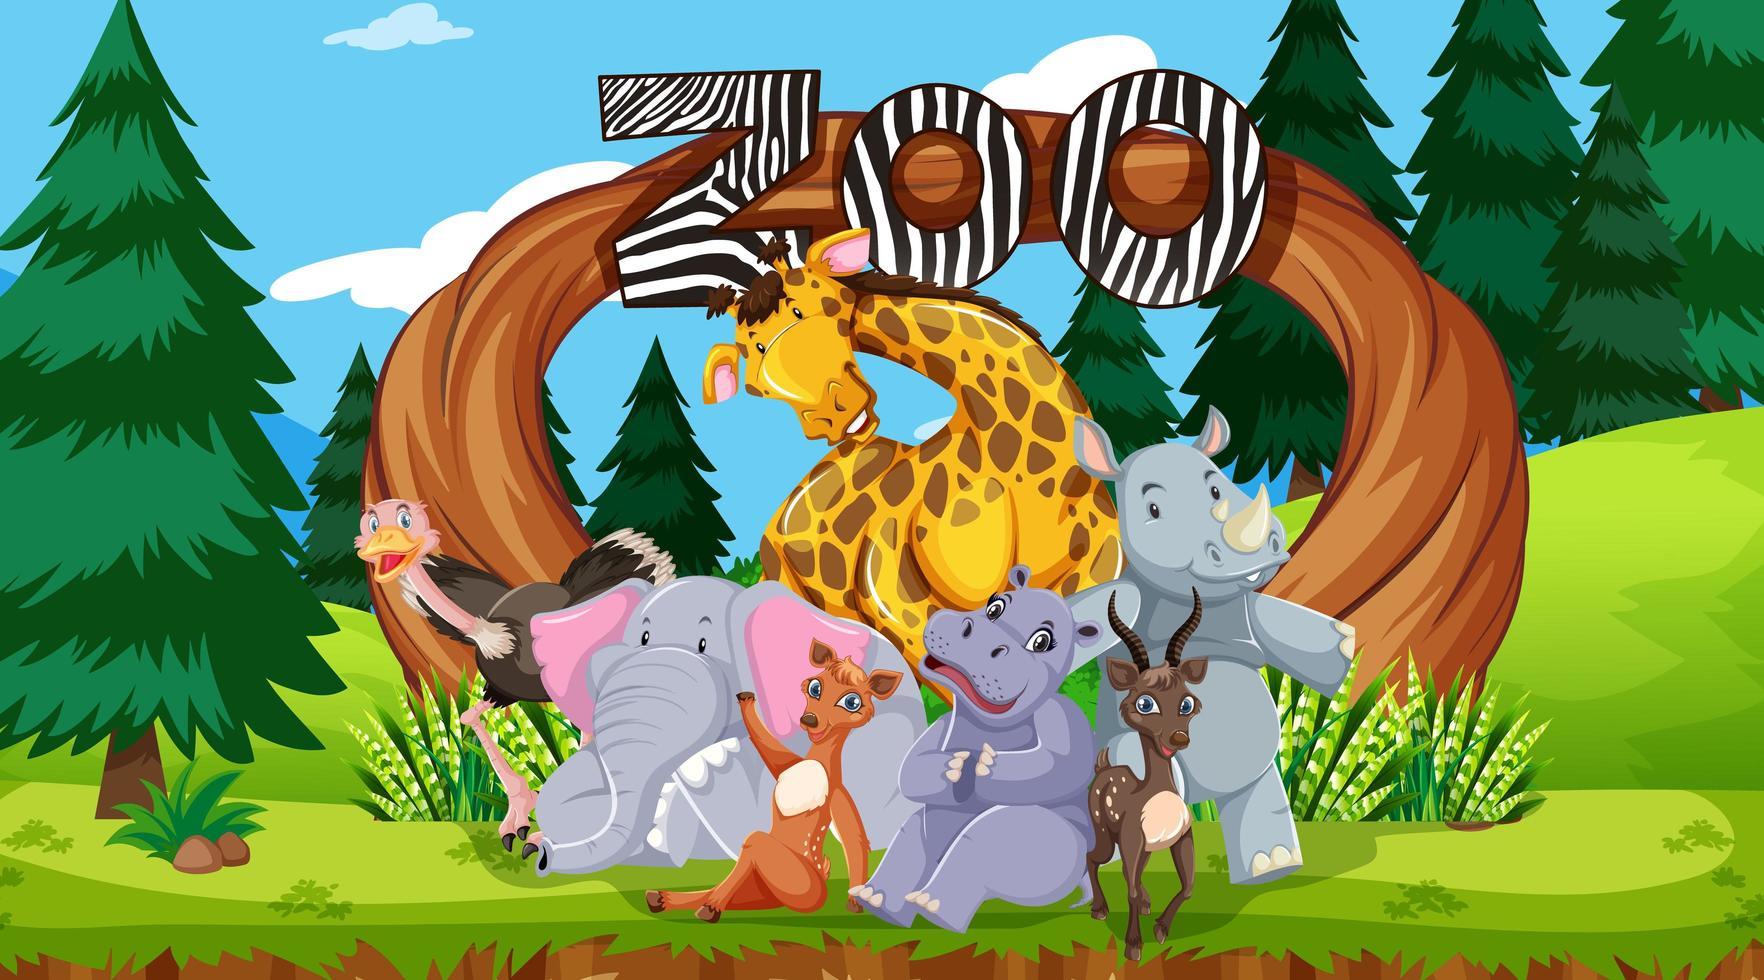 Zootiere im Naturhintergrund vektor